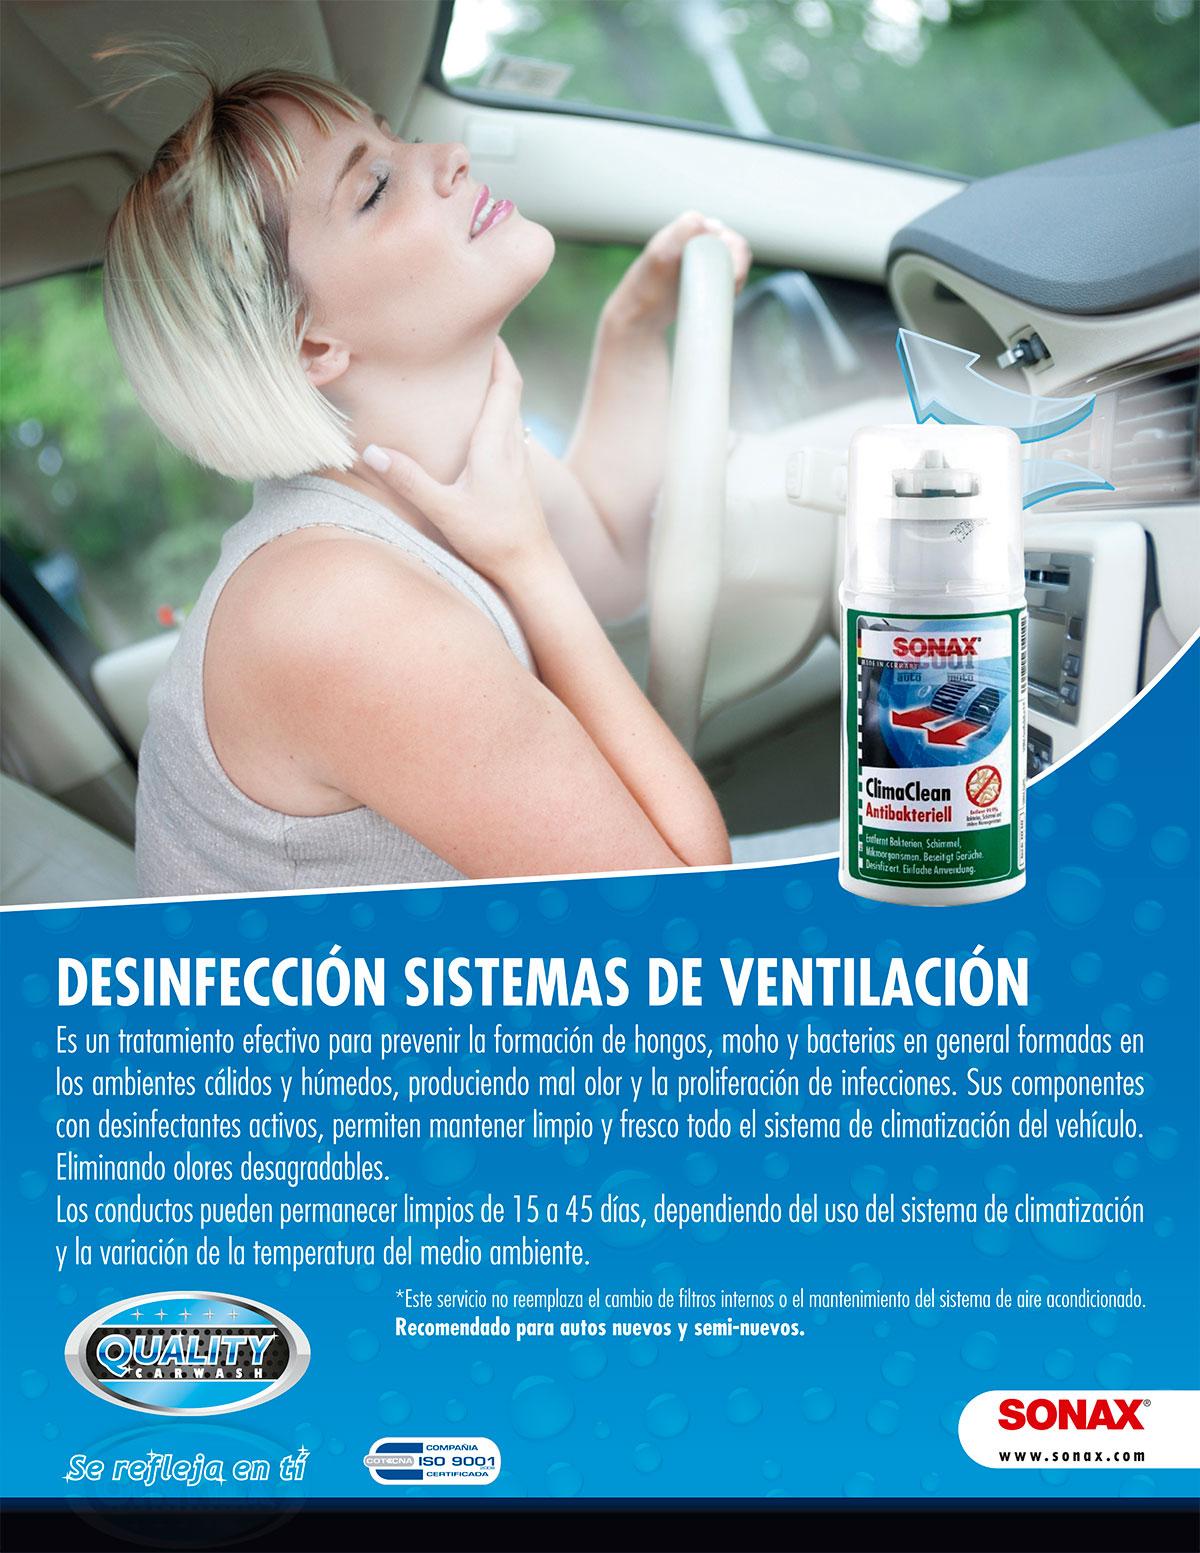 desinfeccion_sistema_ventilacion_cr